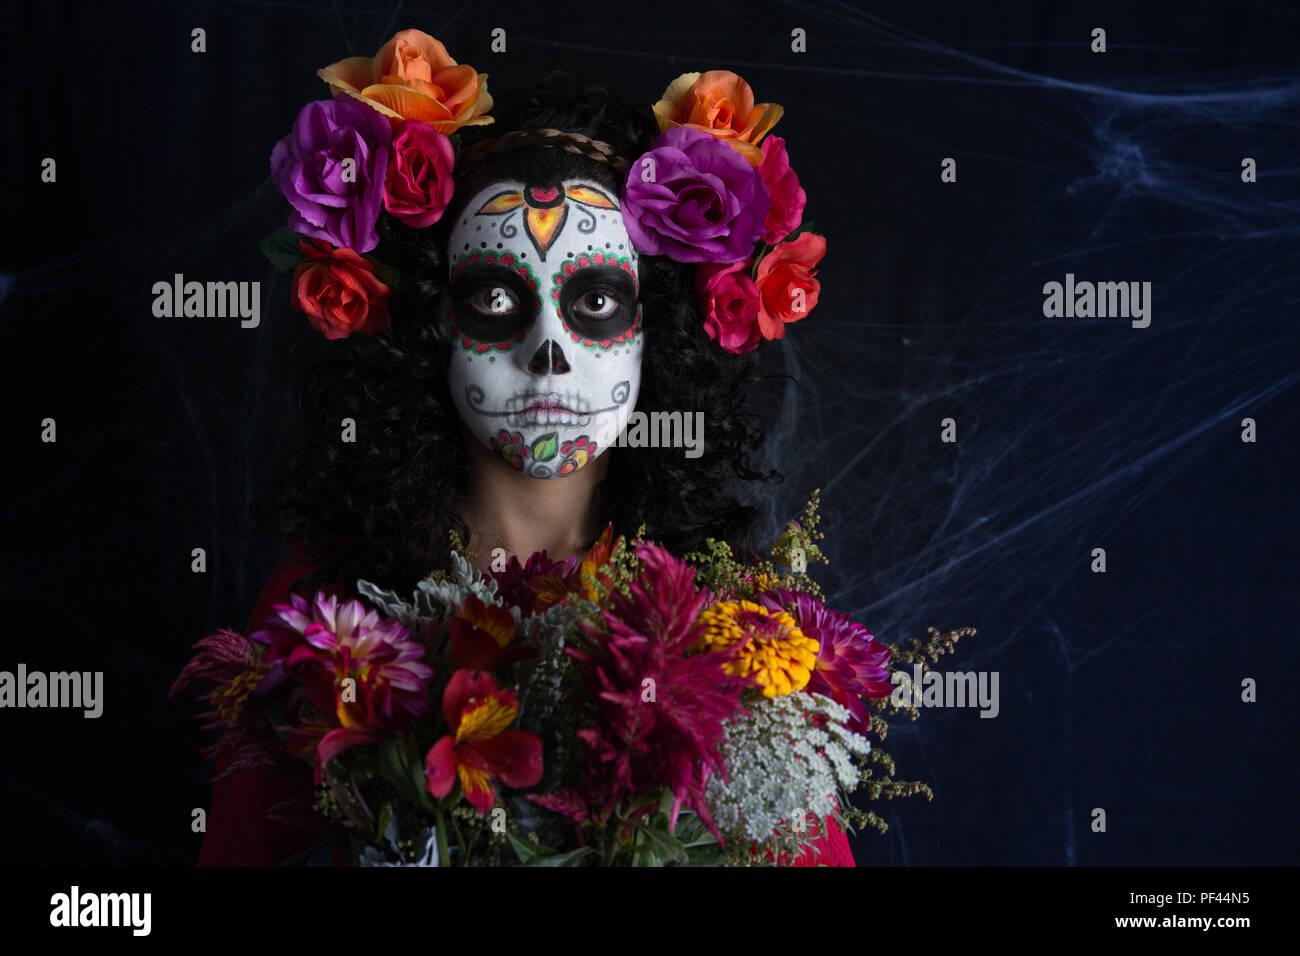 Closeup portrait of Calavera Catrina. Petite fille avec crâne en sucre maquillage. Dia de los muertos. Le Jour des Morts. L'Halloween. Photo Stock